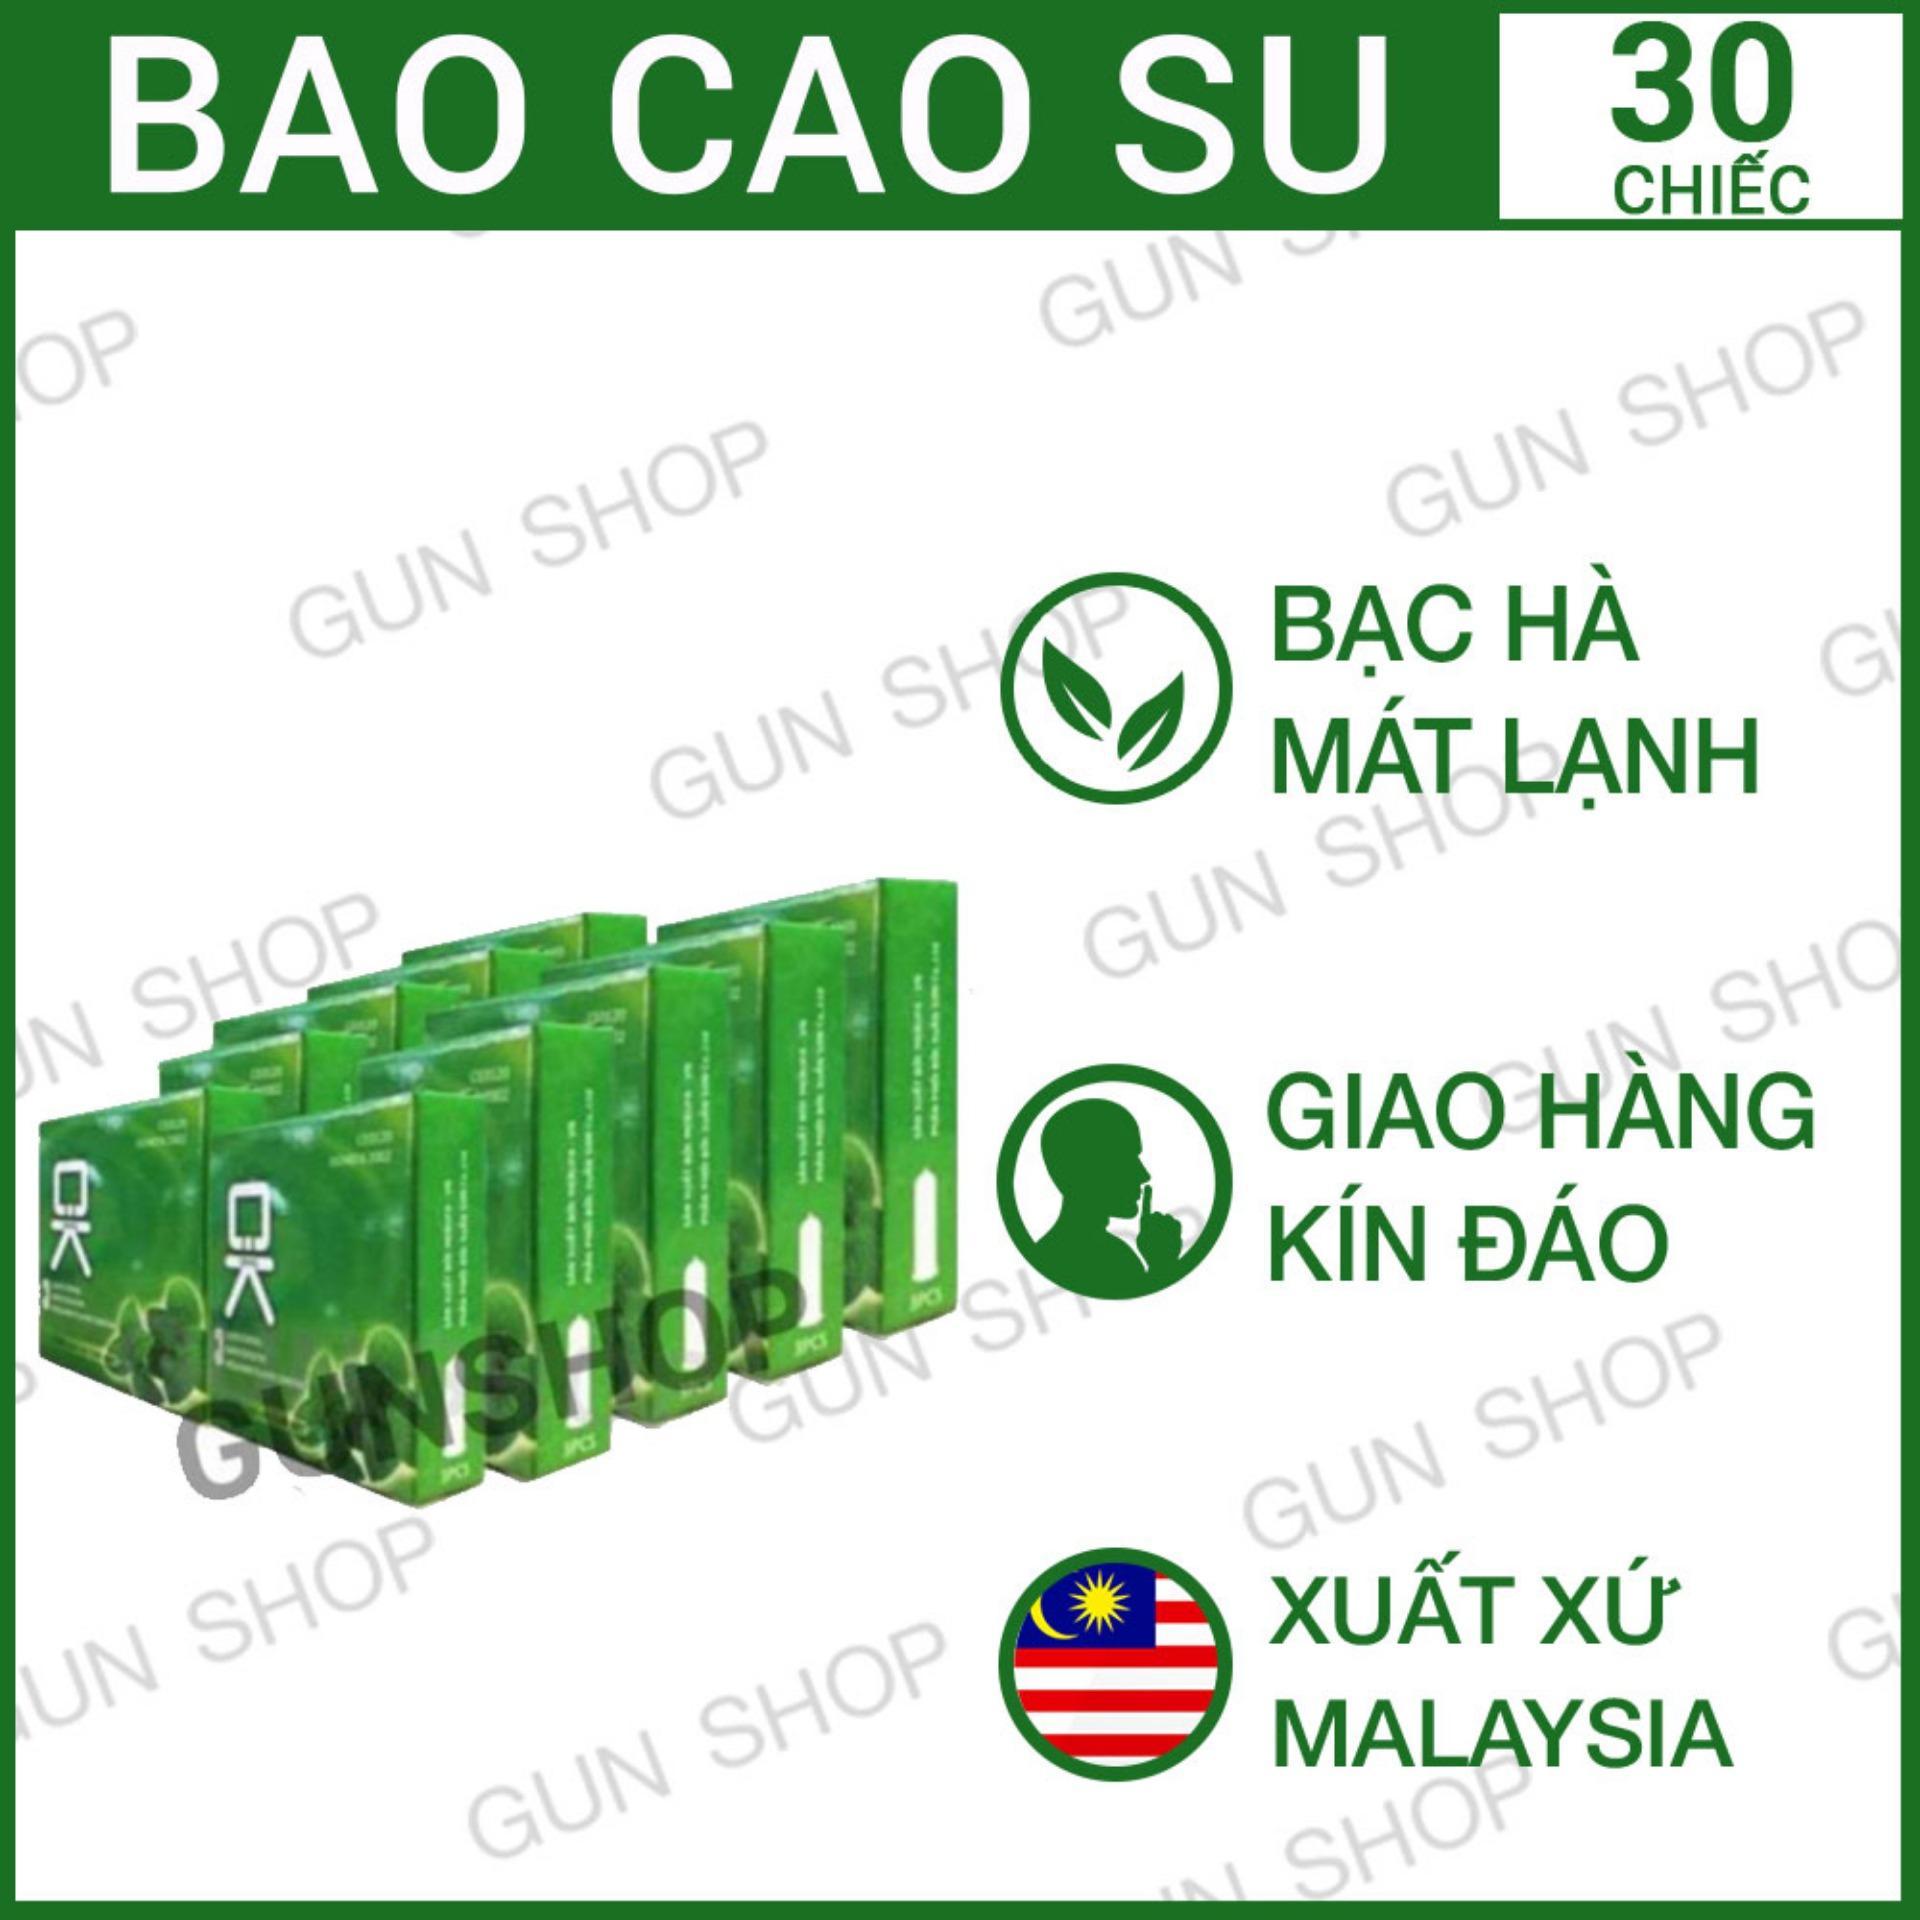 Bộ 10 hộp (30 chiếc) Hộp Bao Cao Su OK (Malaysia) mùi hương bạc hà nhập khẩu